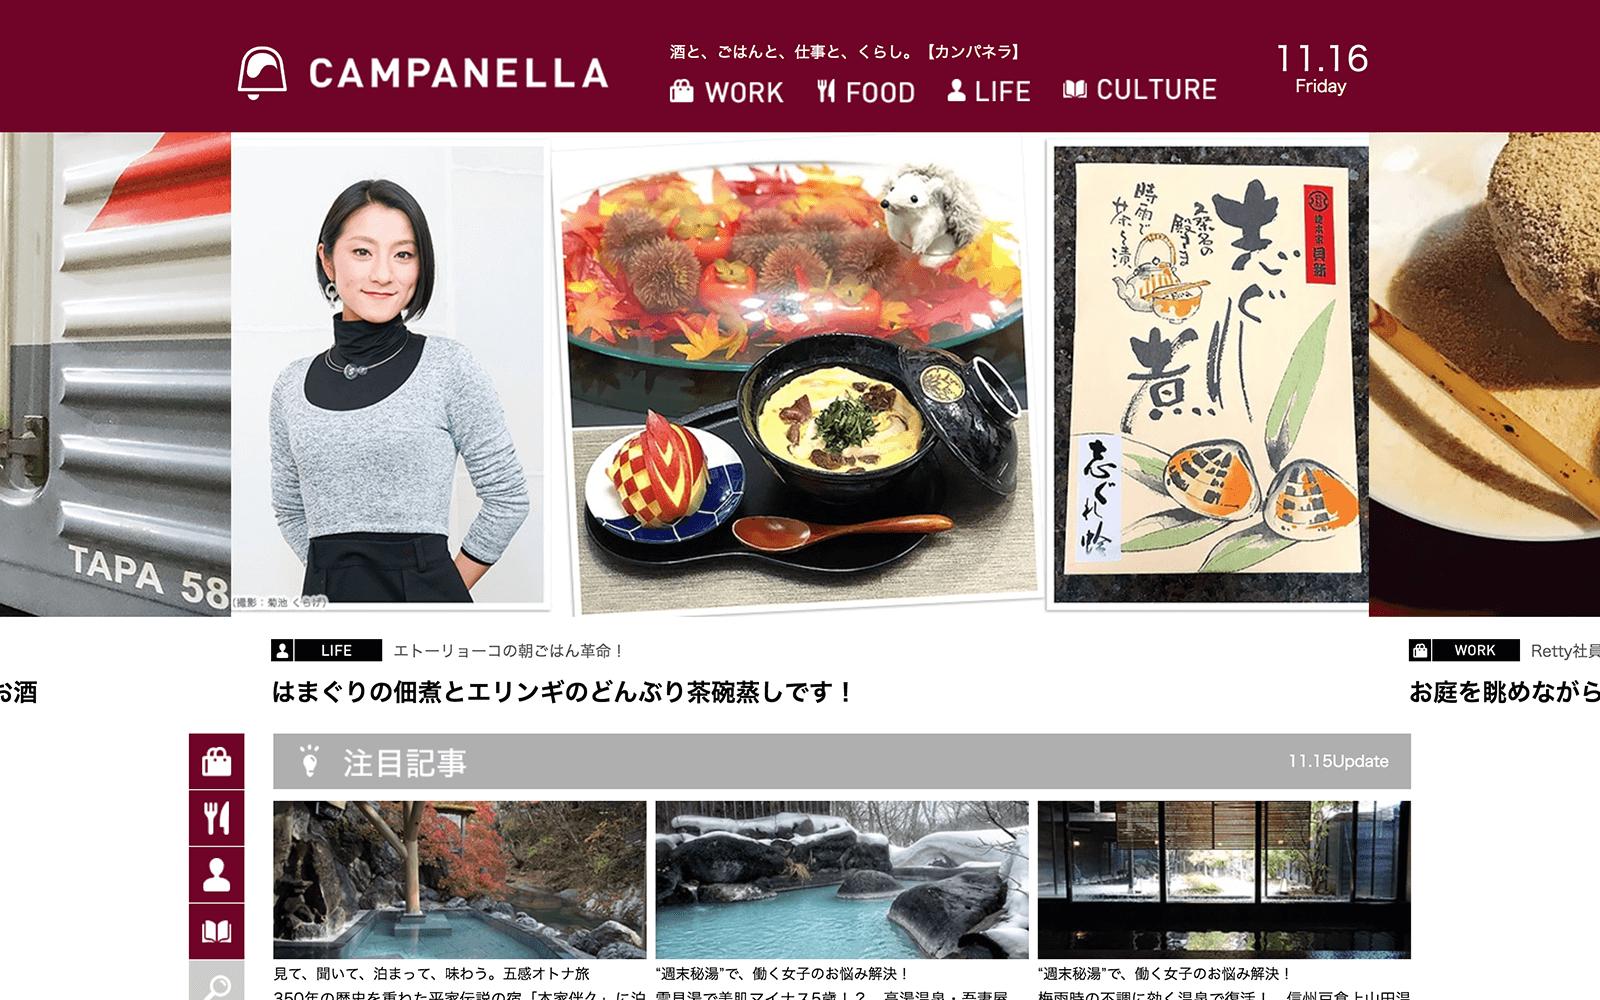 日経BP「CAMPANELLA」メディアサイト